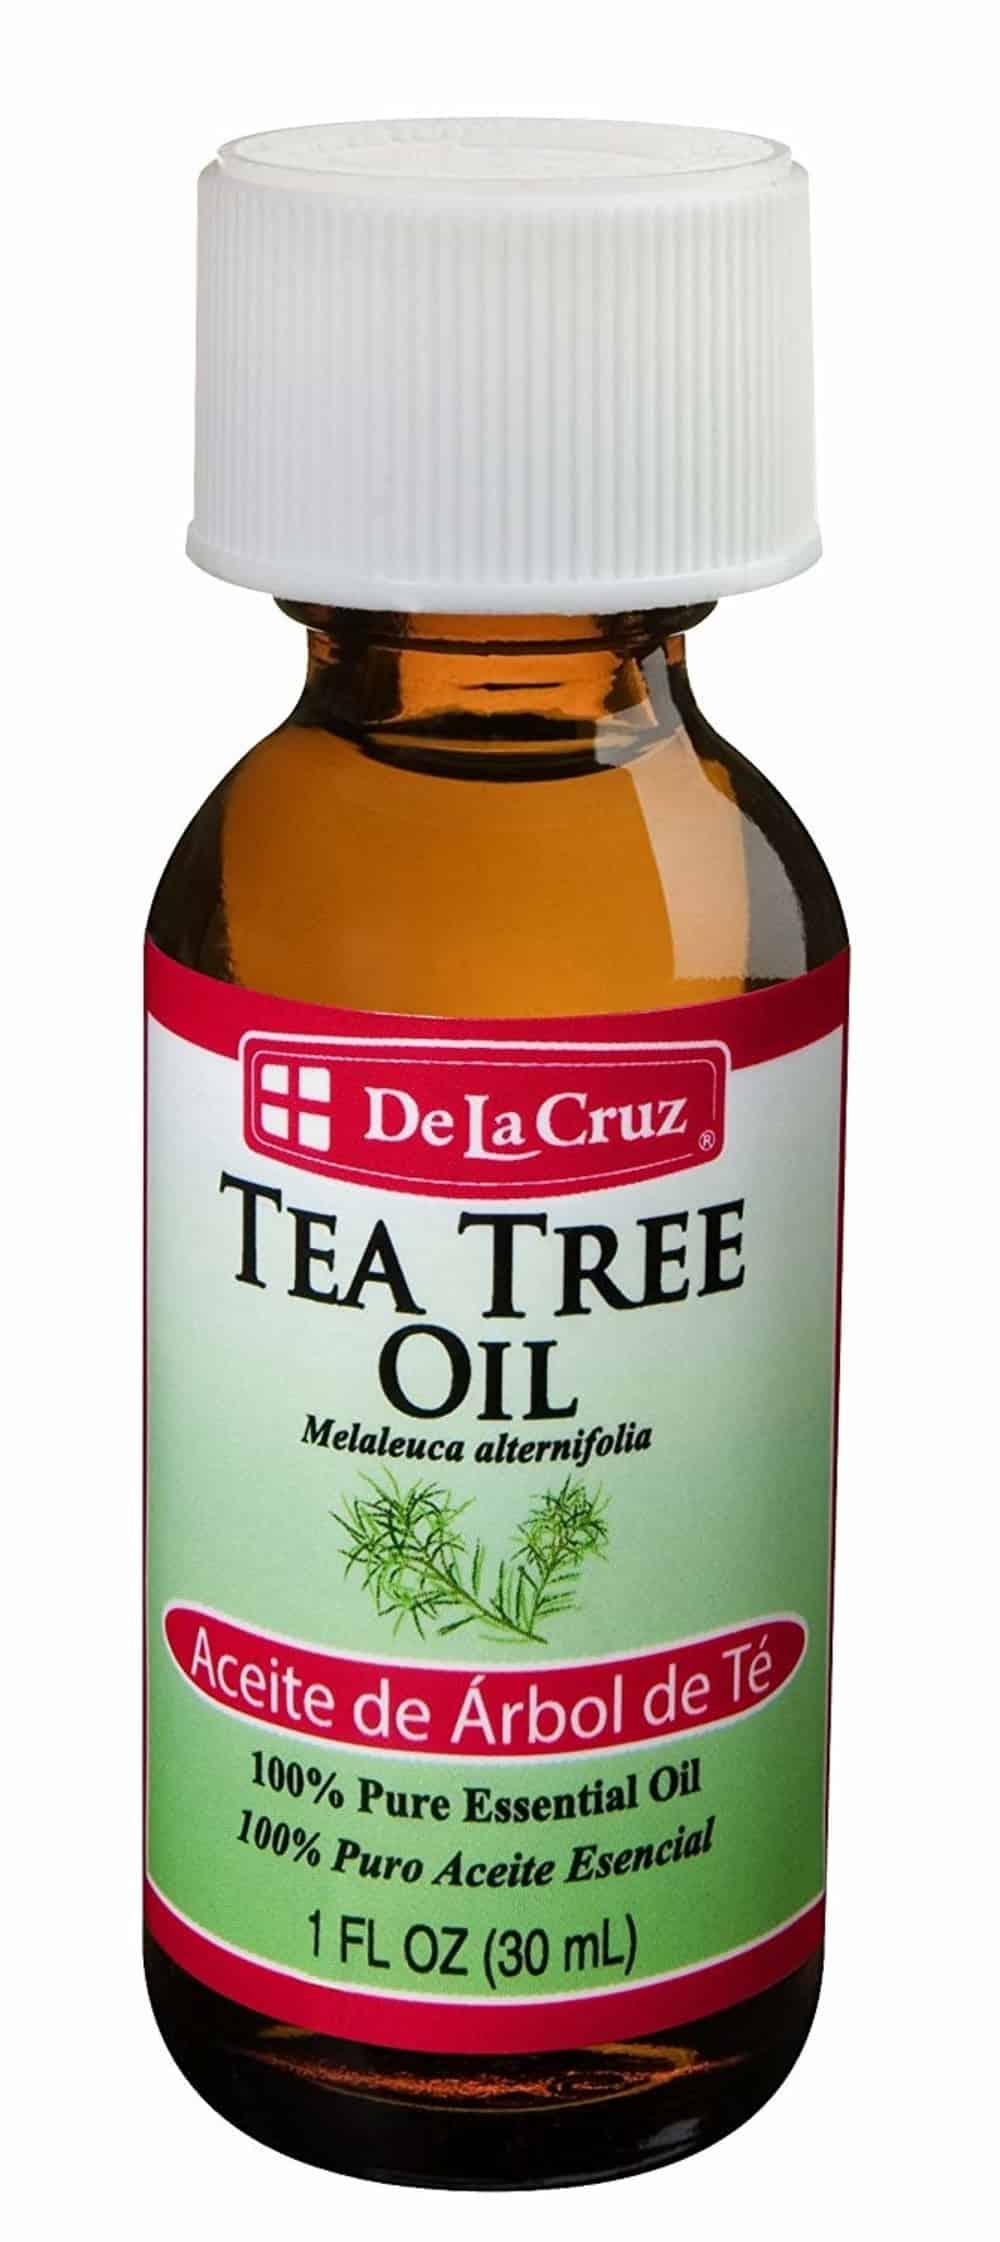 De La Cruz Tea Tree Oil